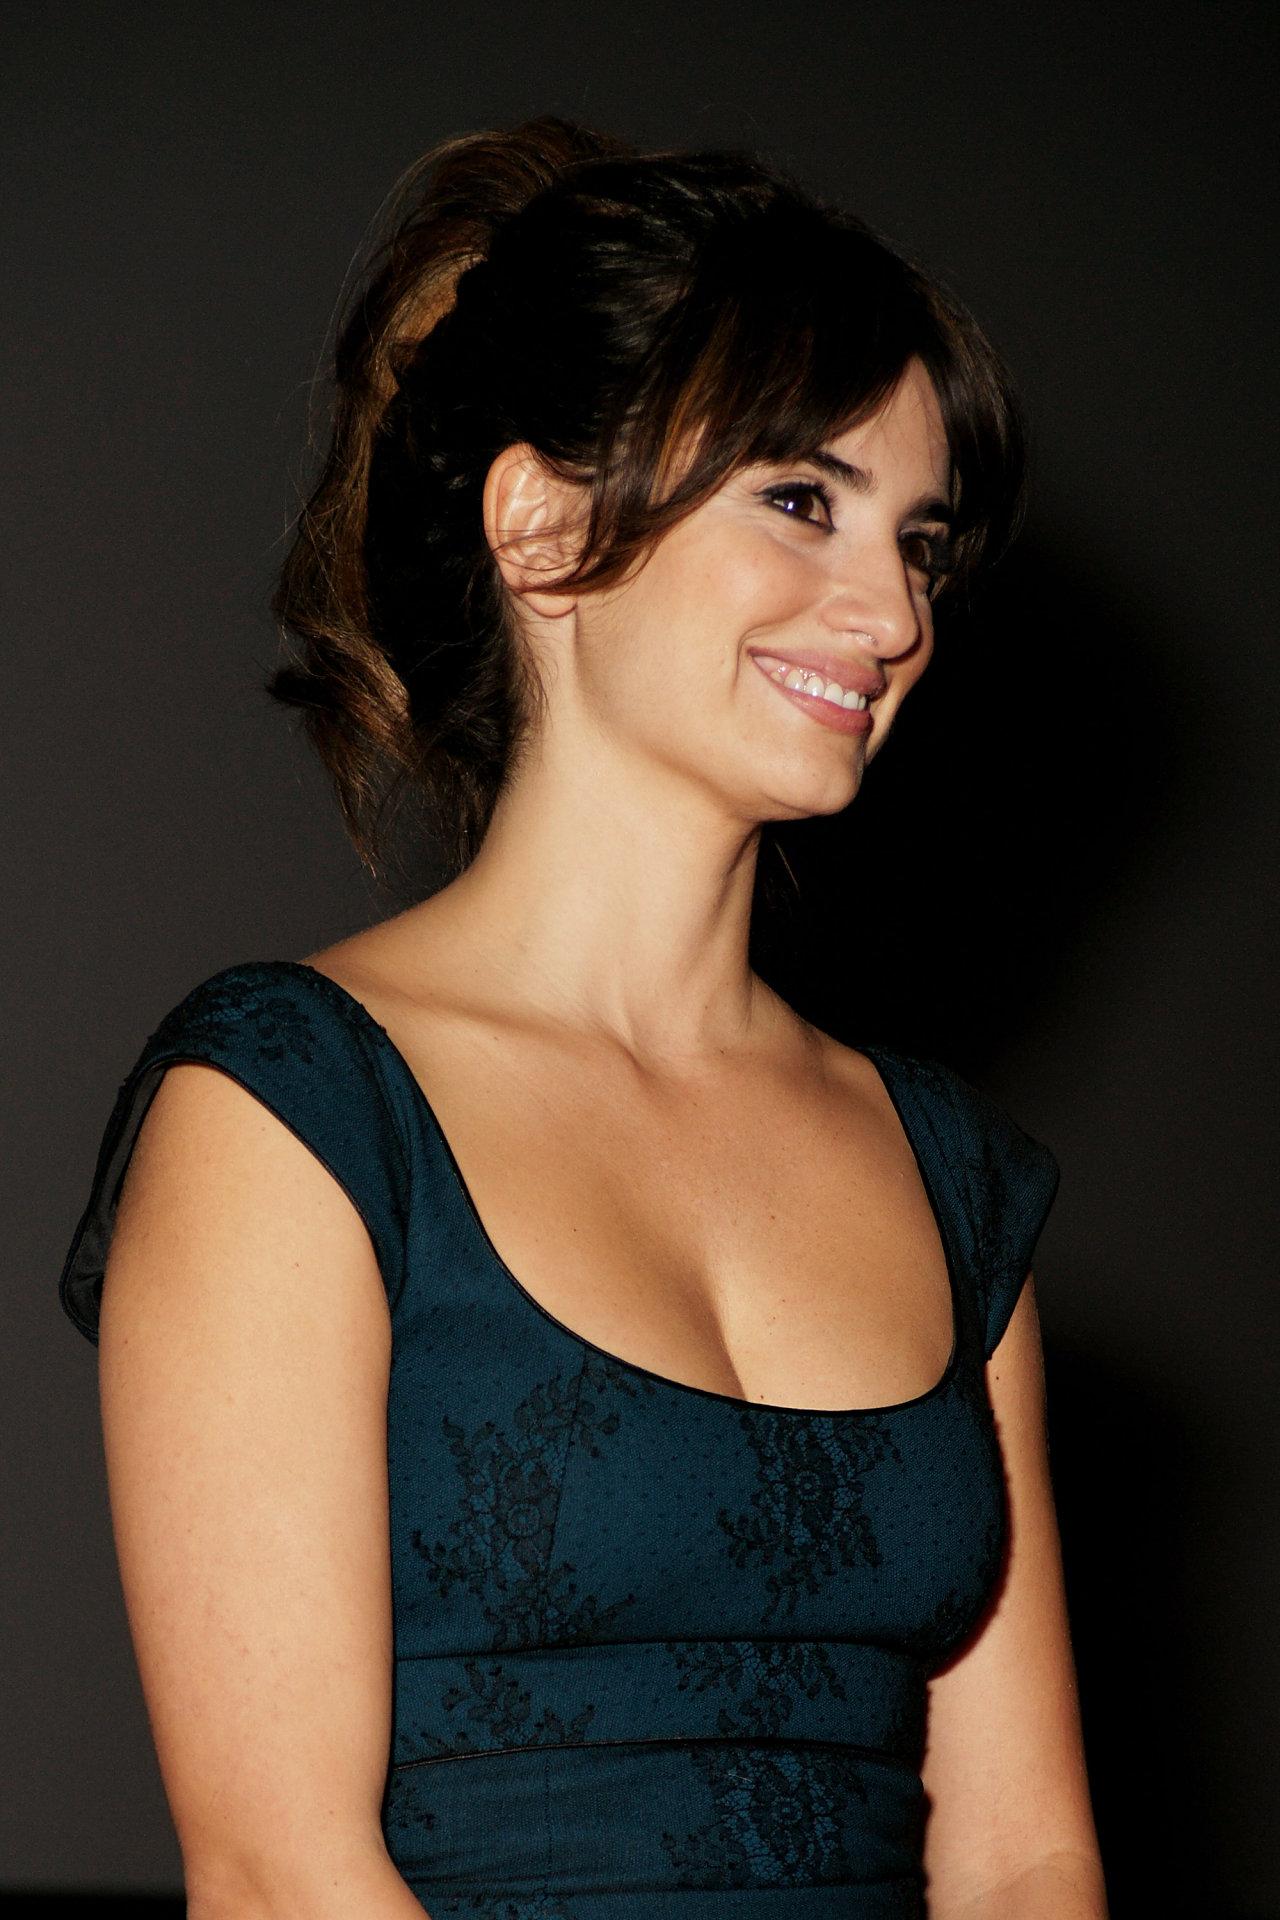 Penelope Cruz Sanchez Actress